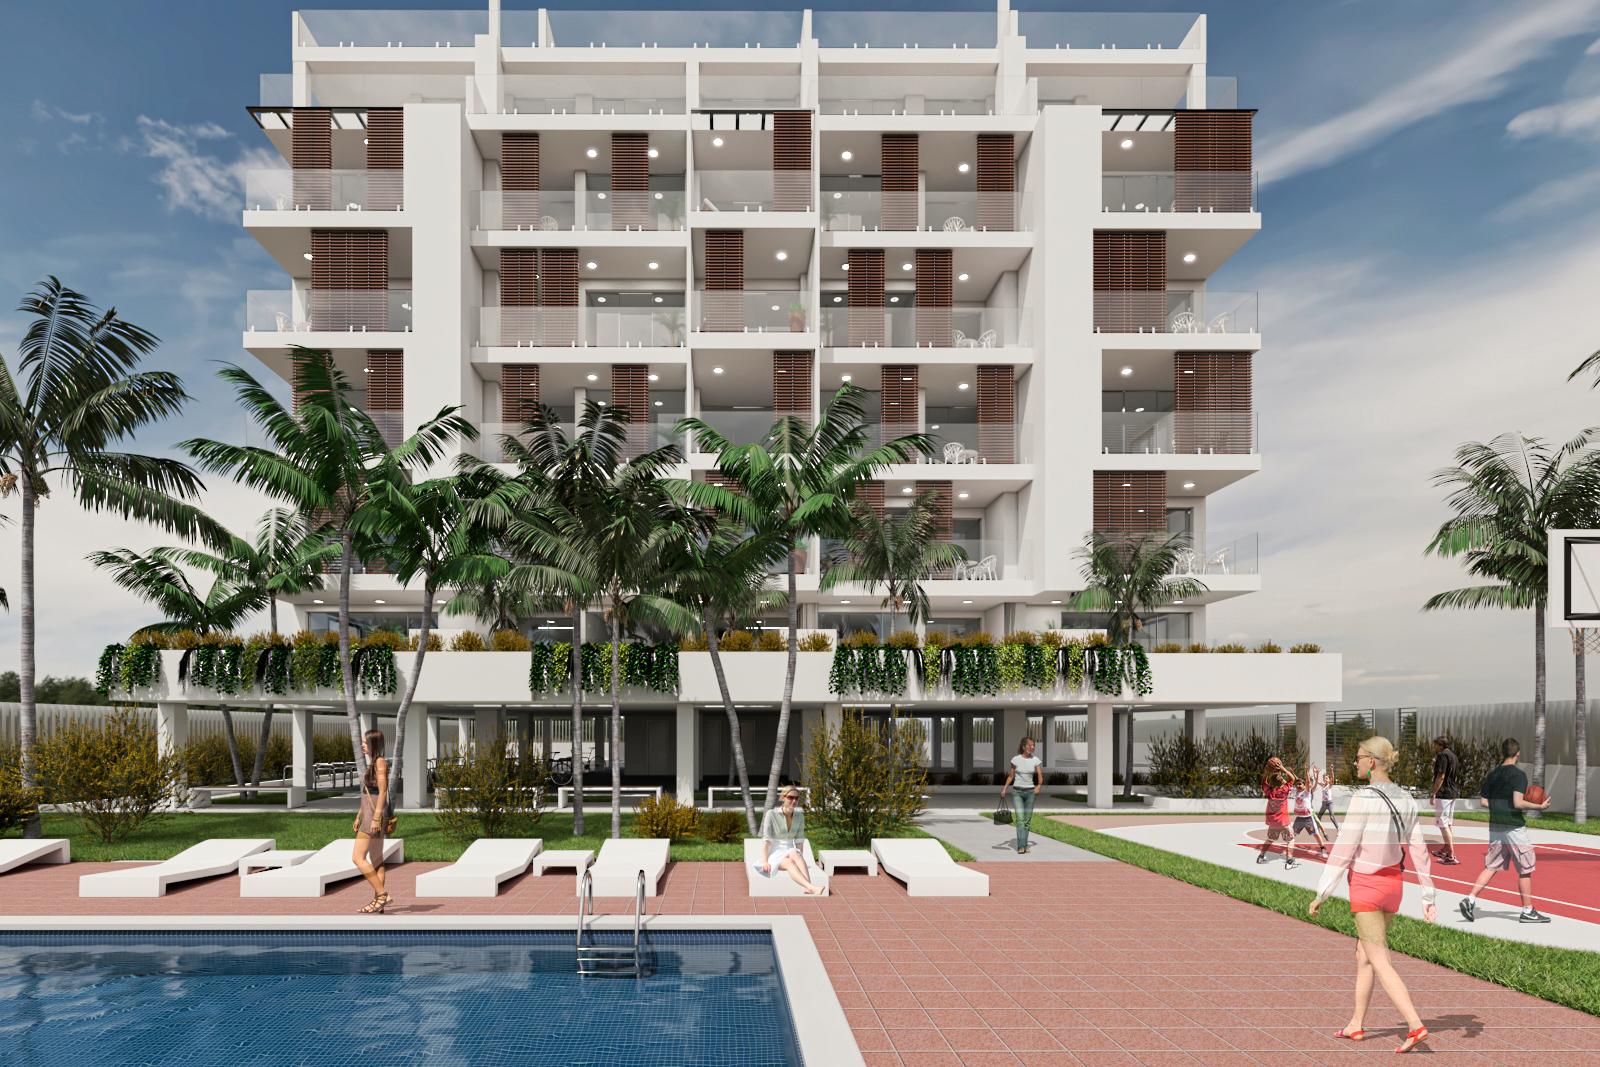 proyecto de edificio de viviendas